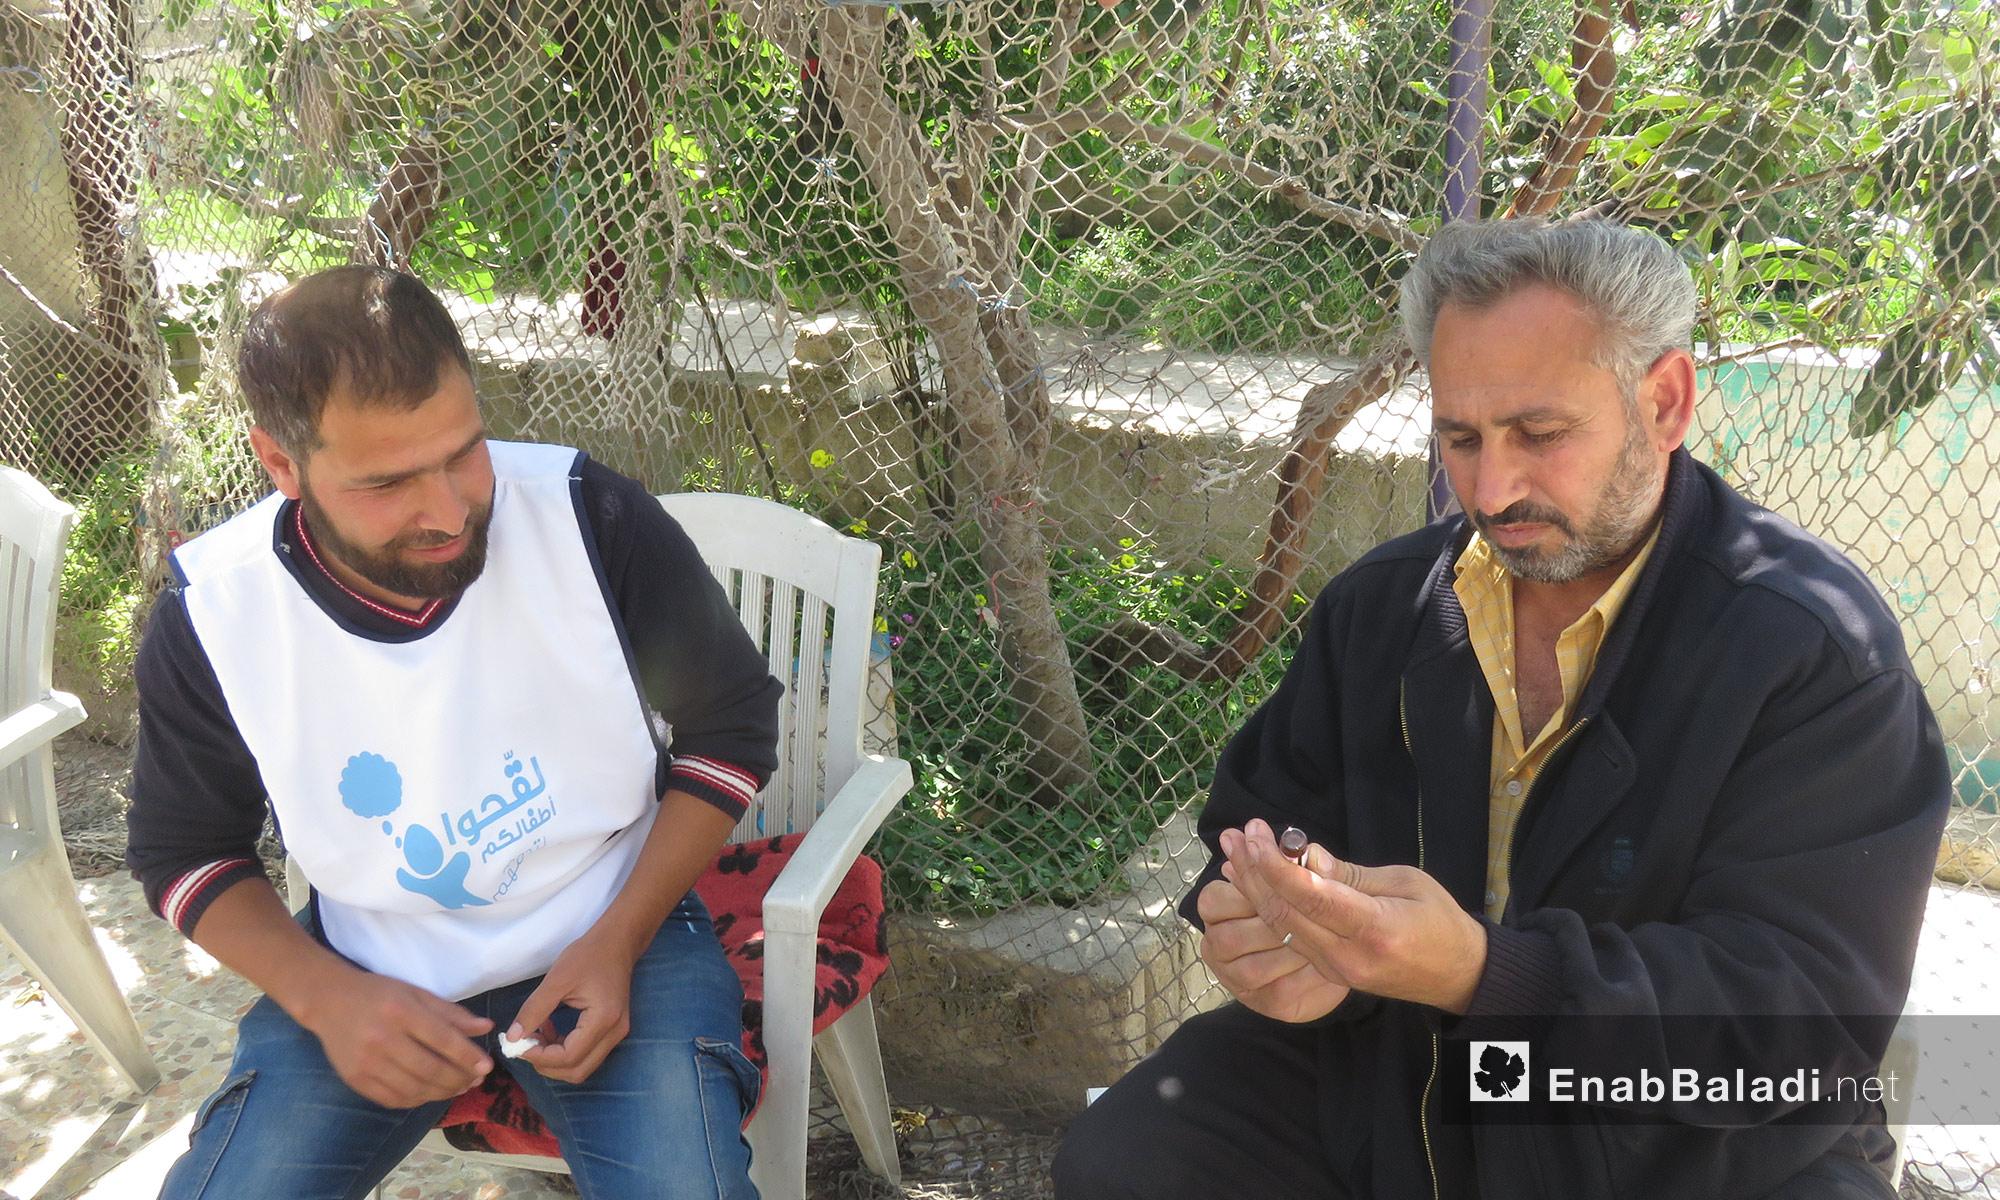 تجهيز لقاح الحصبة قبل استخدامه في ريف حماة - 14 من نيسان 2018 (عنب بلدي)